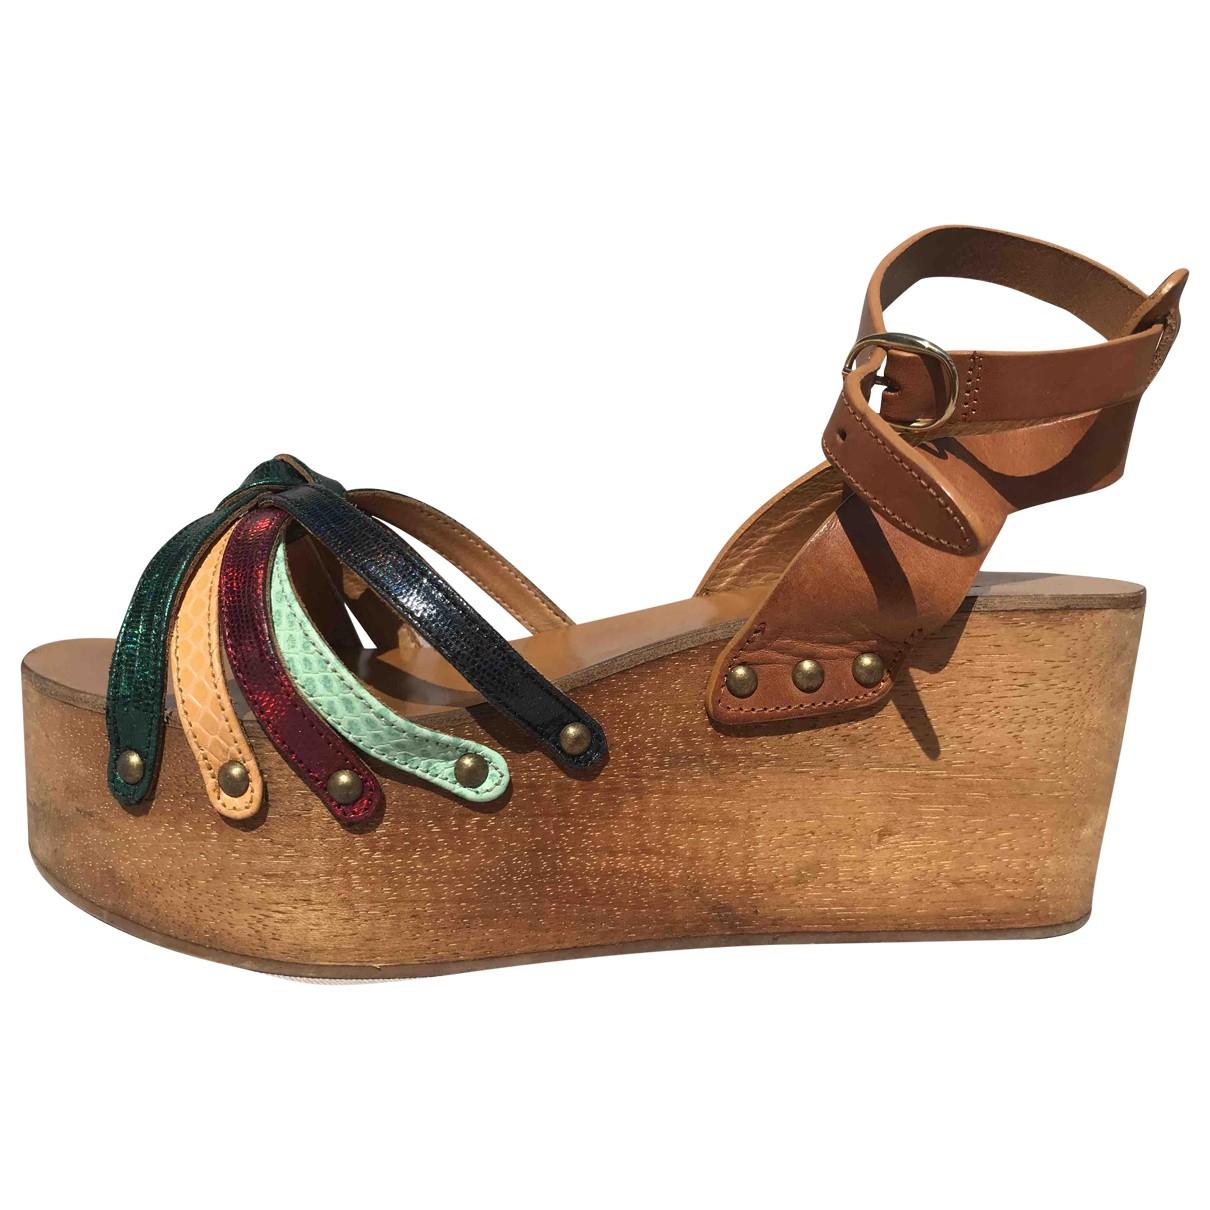 Isabel Marant - Sandales   pour femme en cuir - multicolore